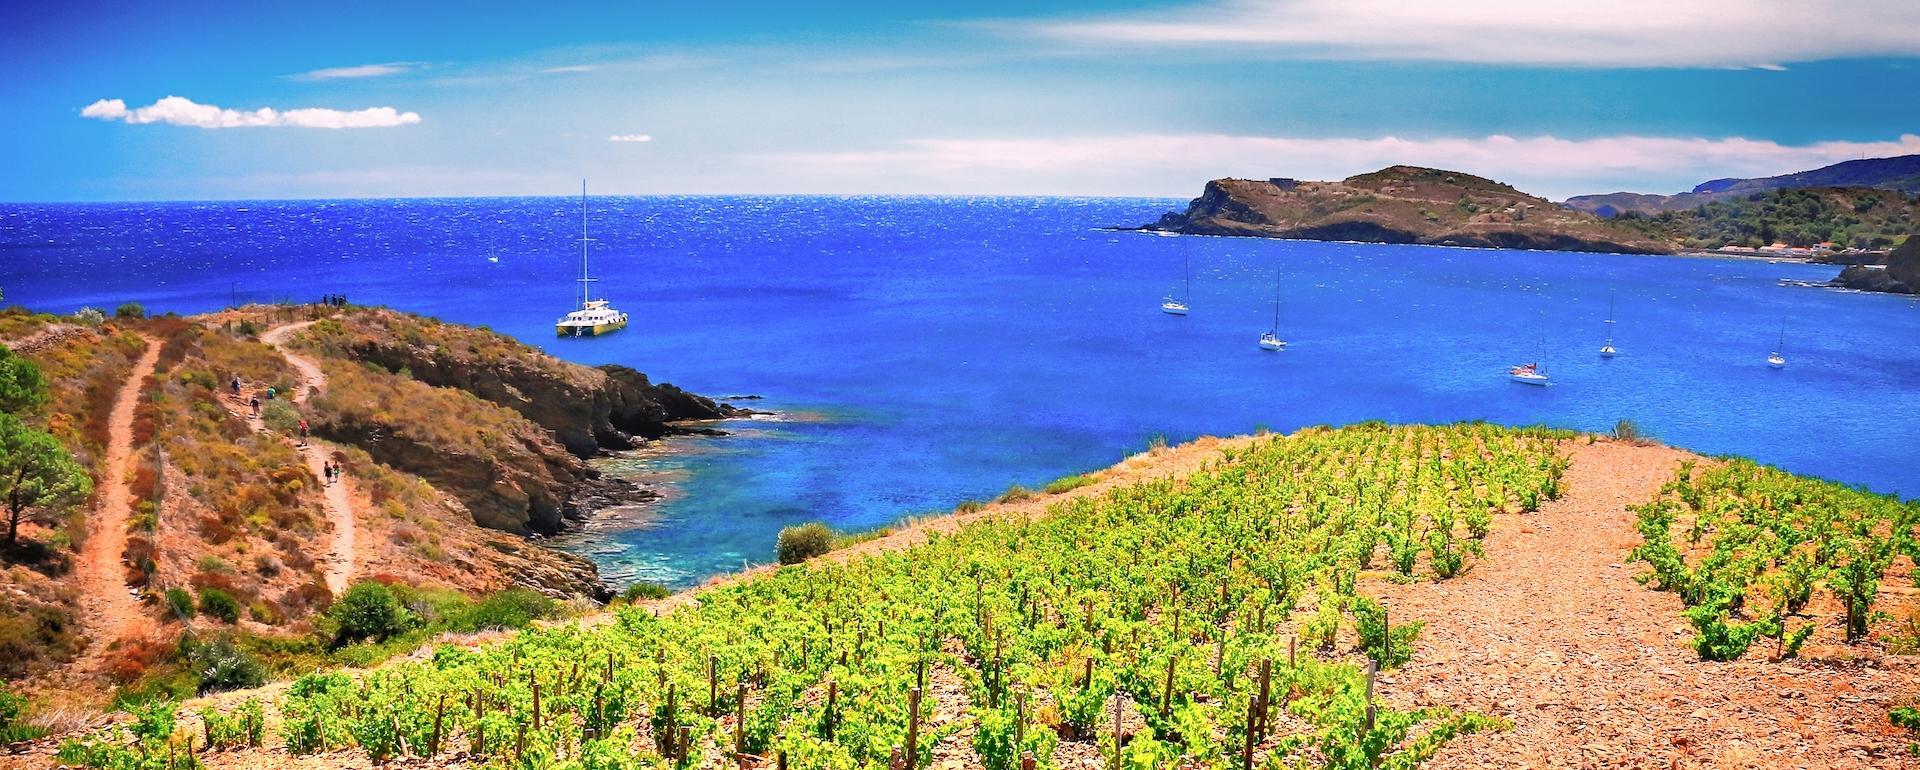 Vignoble de la côte Vermeille